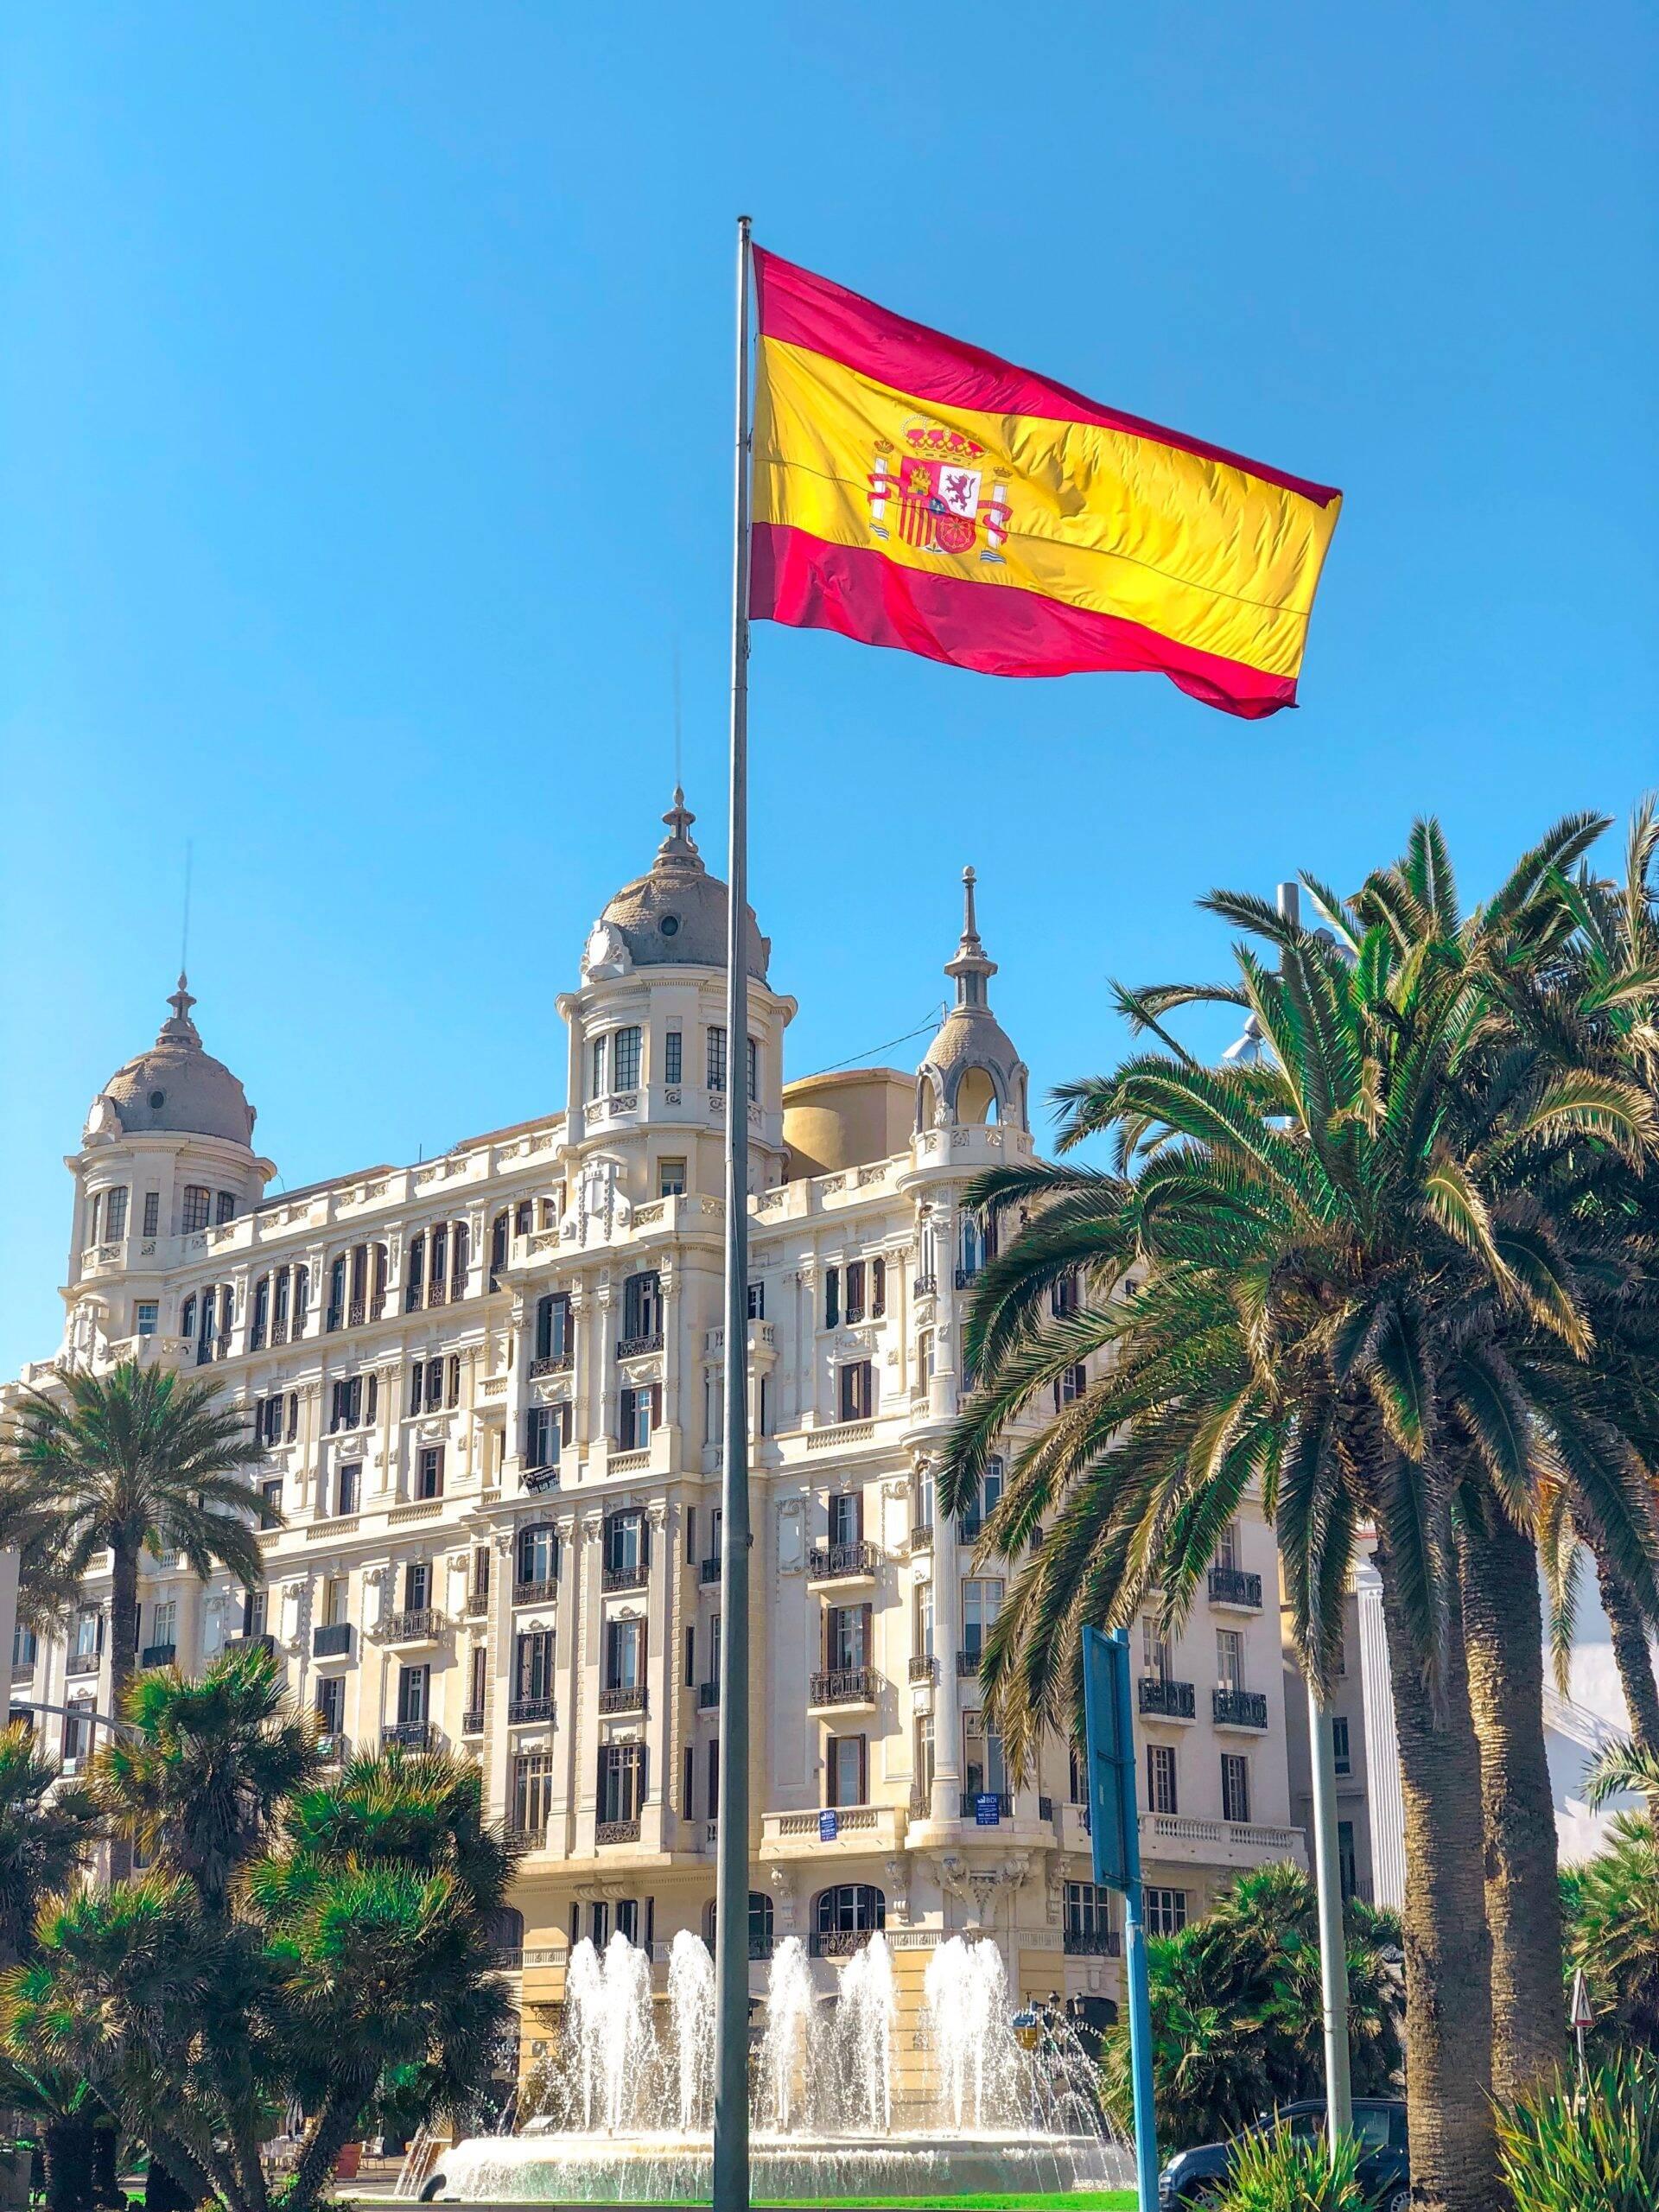 No 14° lugar está a Espanha, que imunizou 35,07 milhões de pessoas. (Foto: Unsplash)